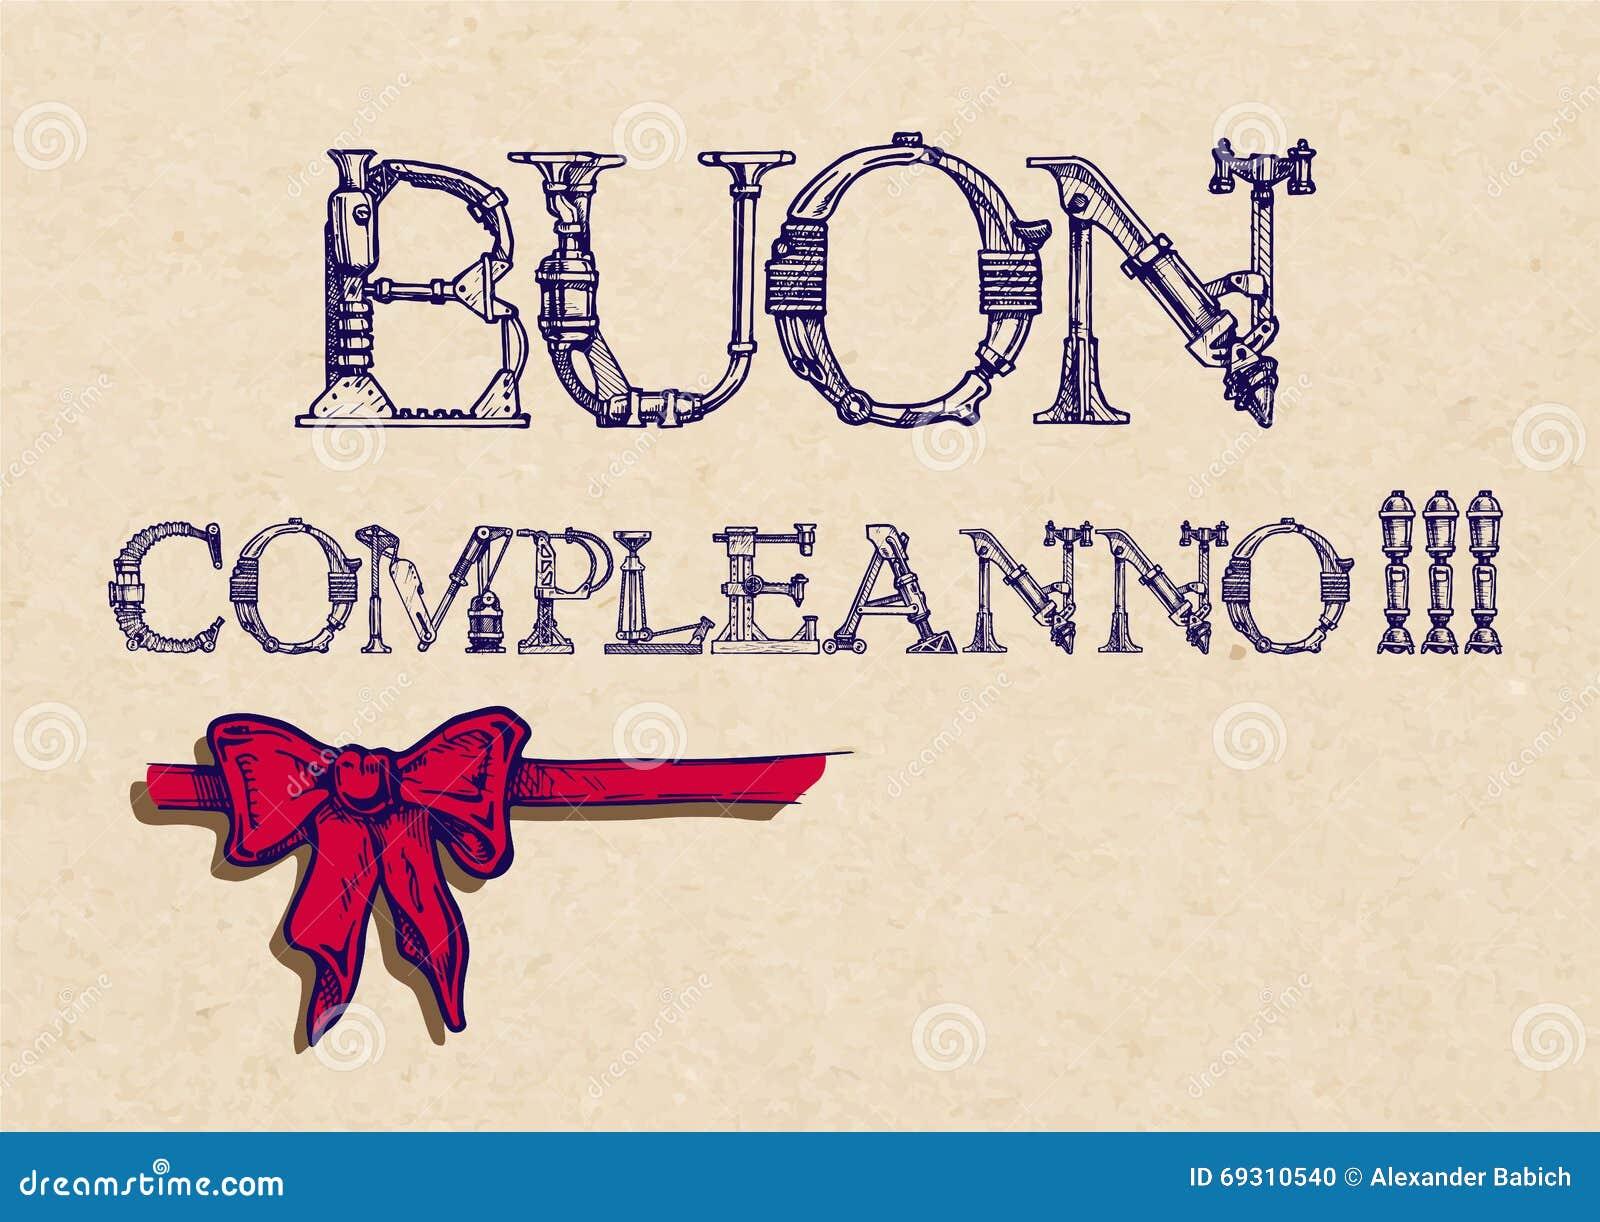 Buon compleanno alles gute zum geburtstag vektor abbildung - Gute besserung italienisch ...